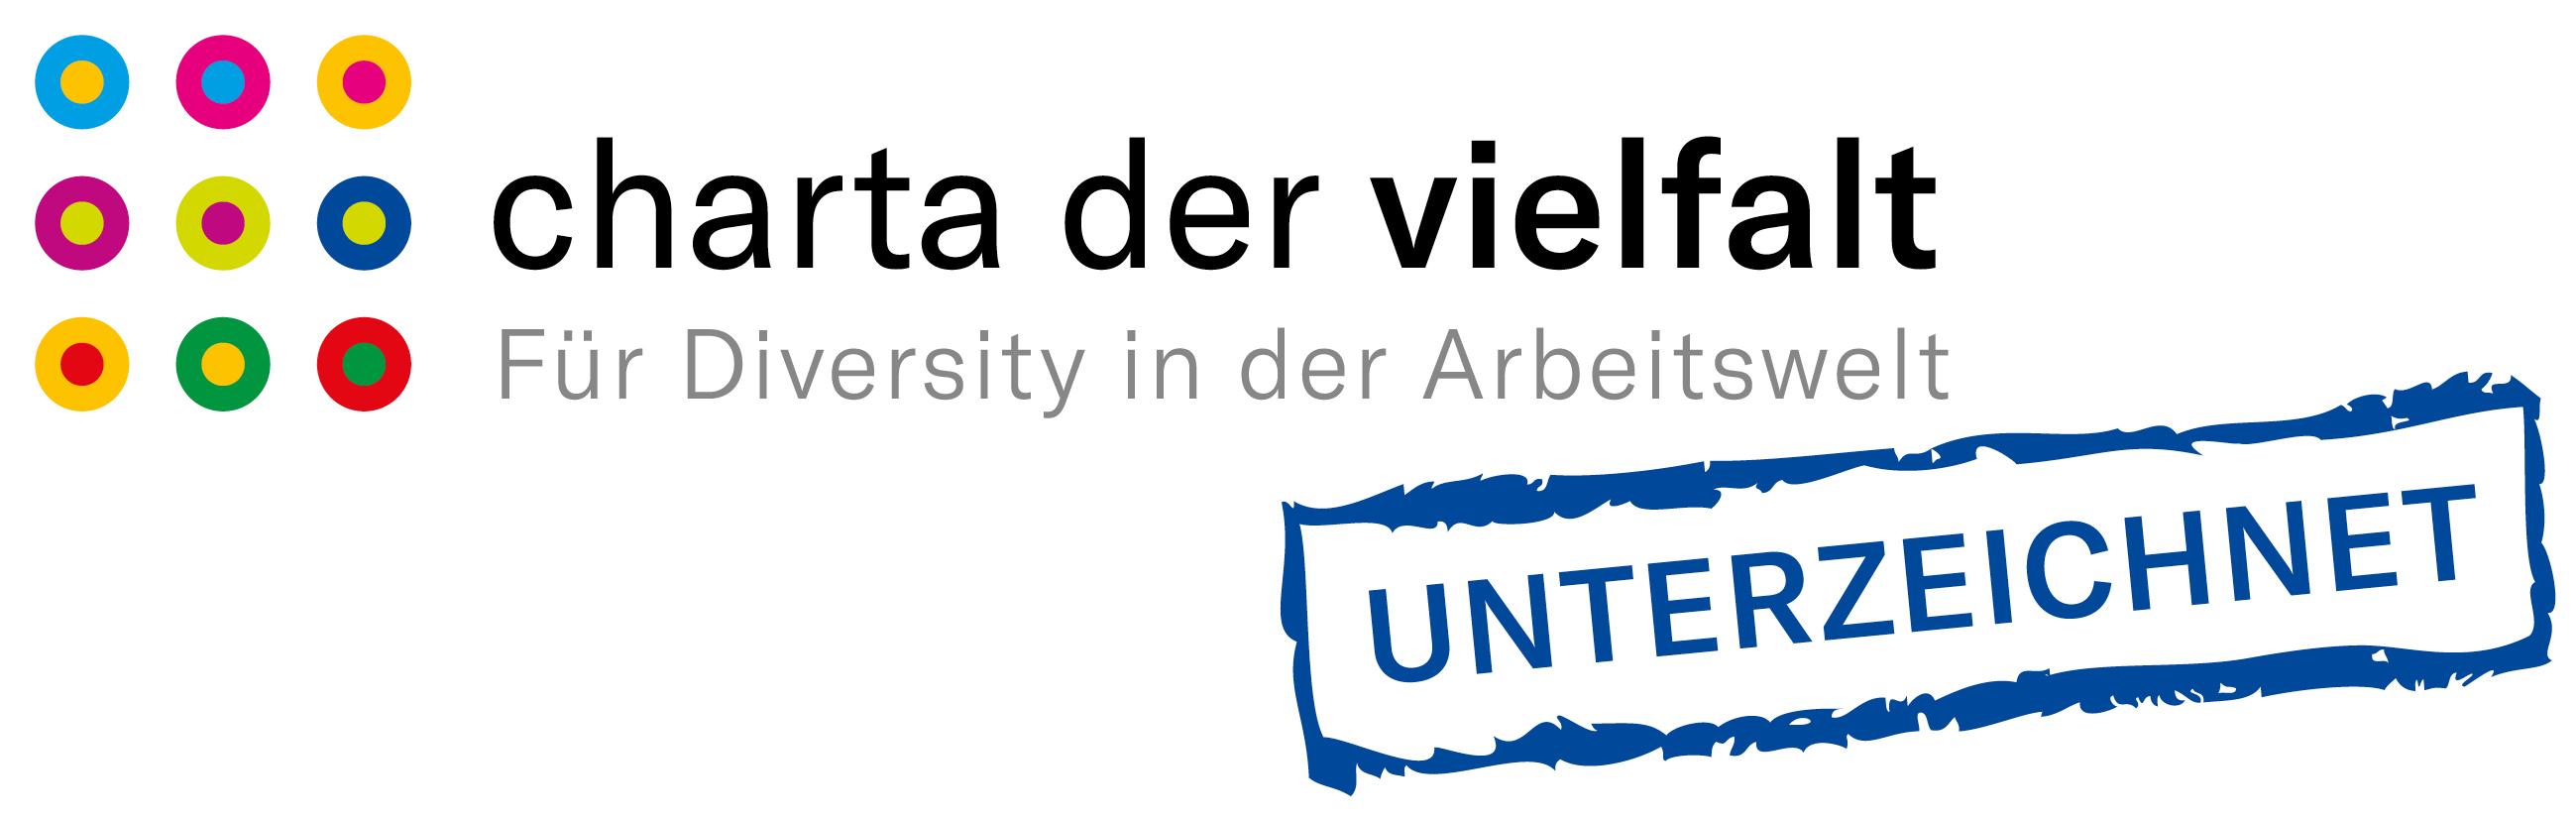 CdV-Unterzeichnet-Logo-dt-claim.jpg